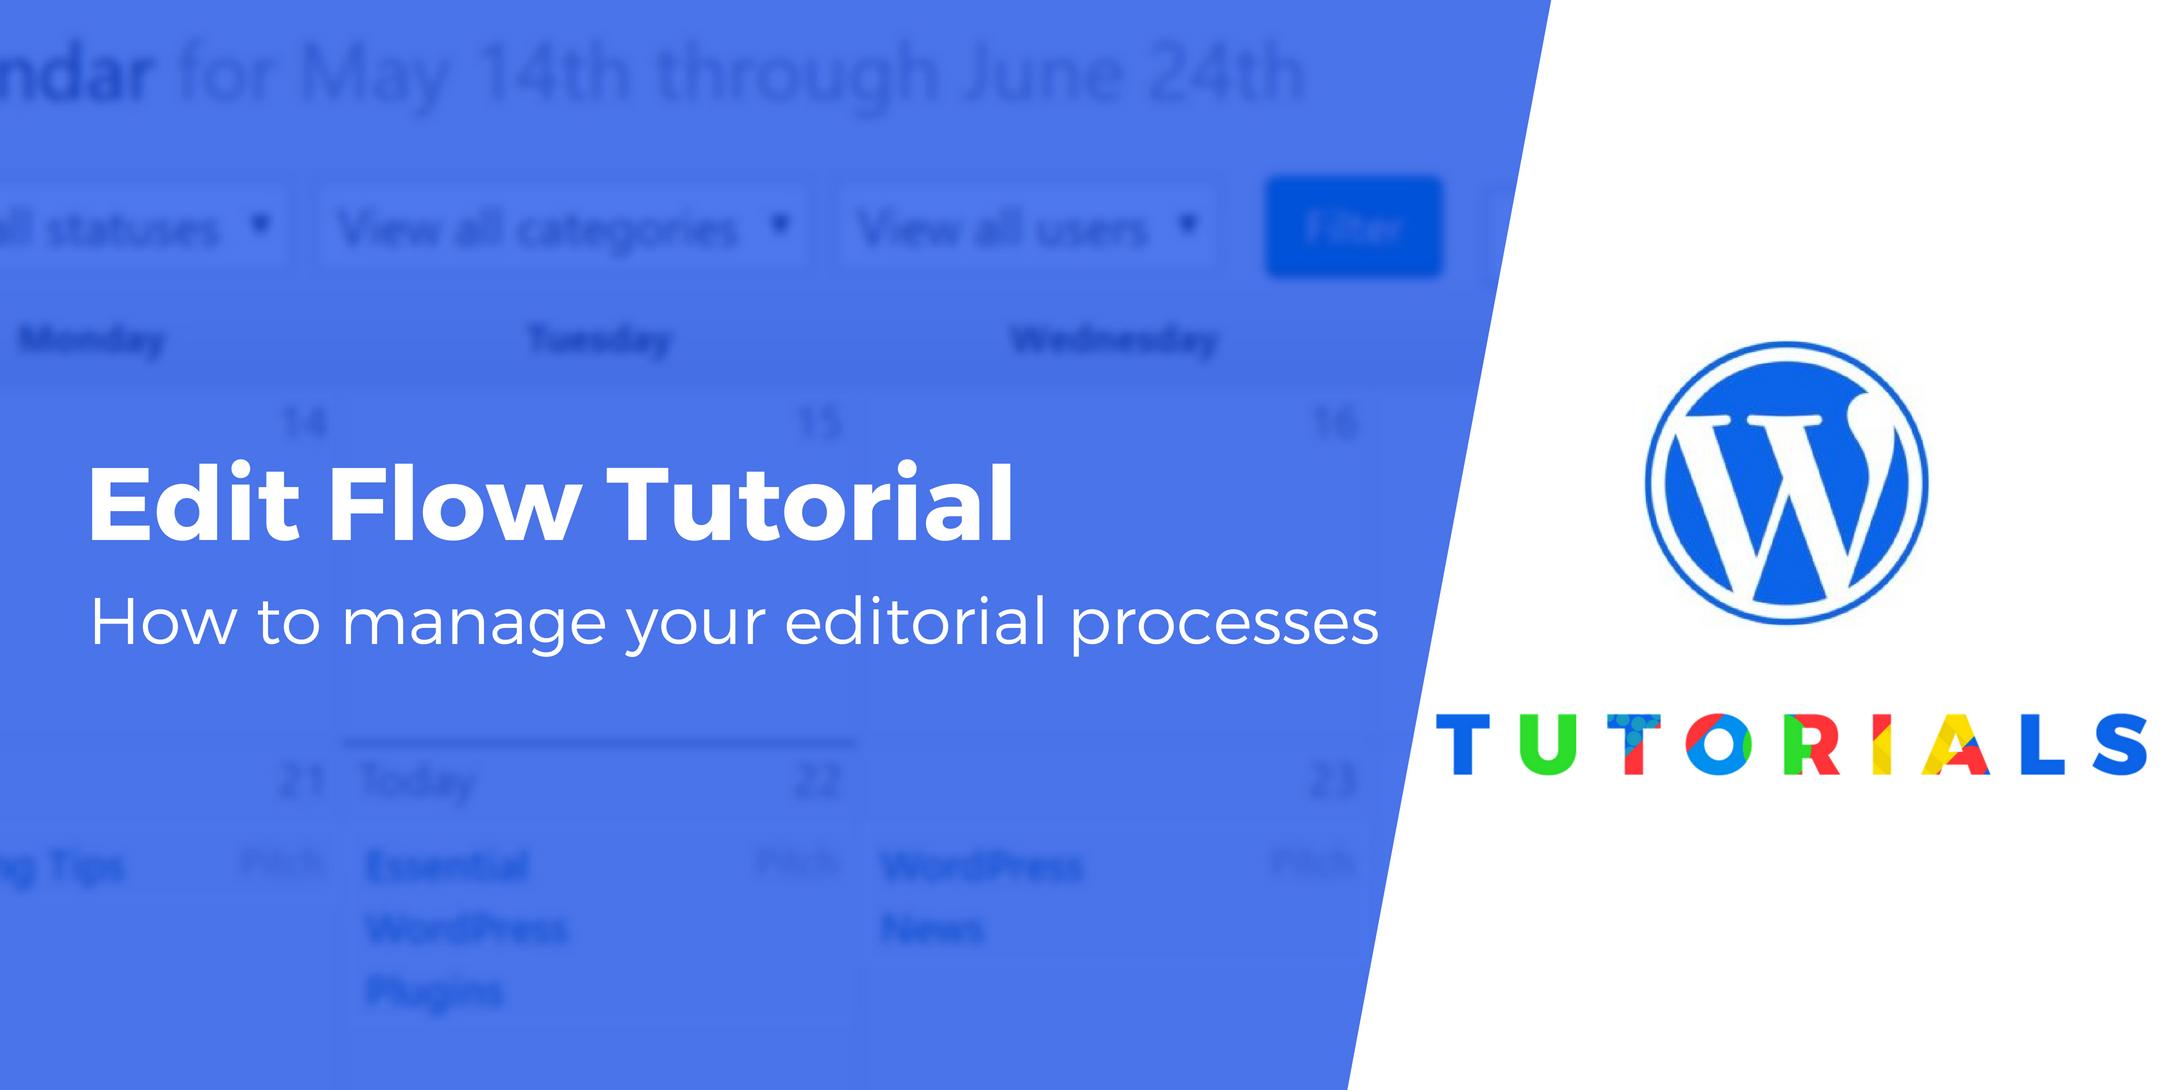 Edit Flow tutorial